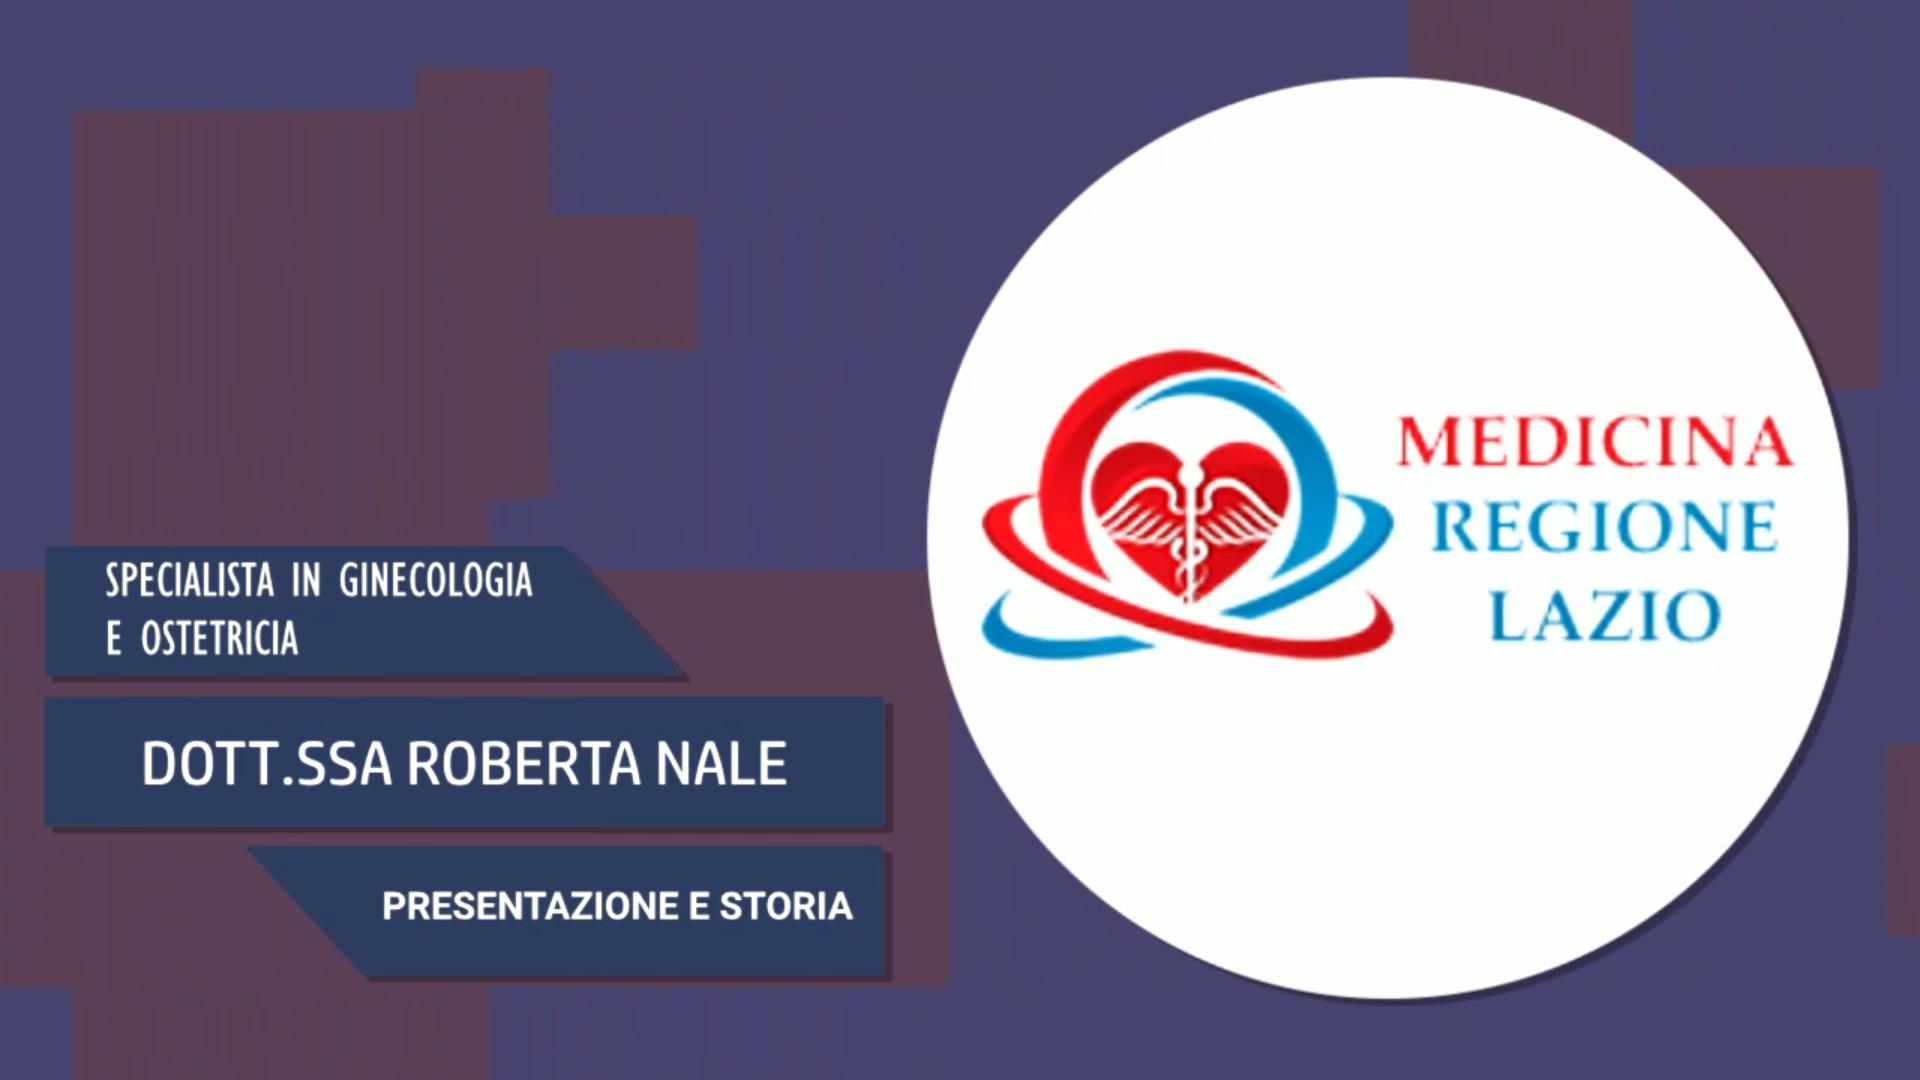 Intervista alla Dott.ssa Roberta Nale – Presentazione e storia